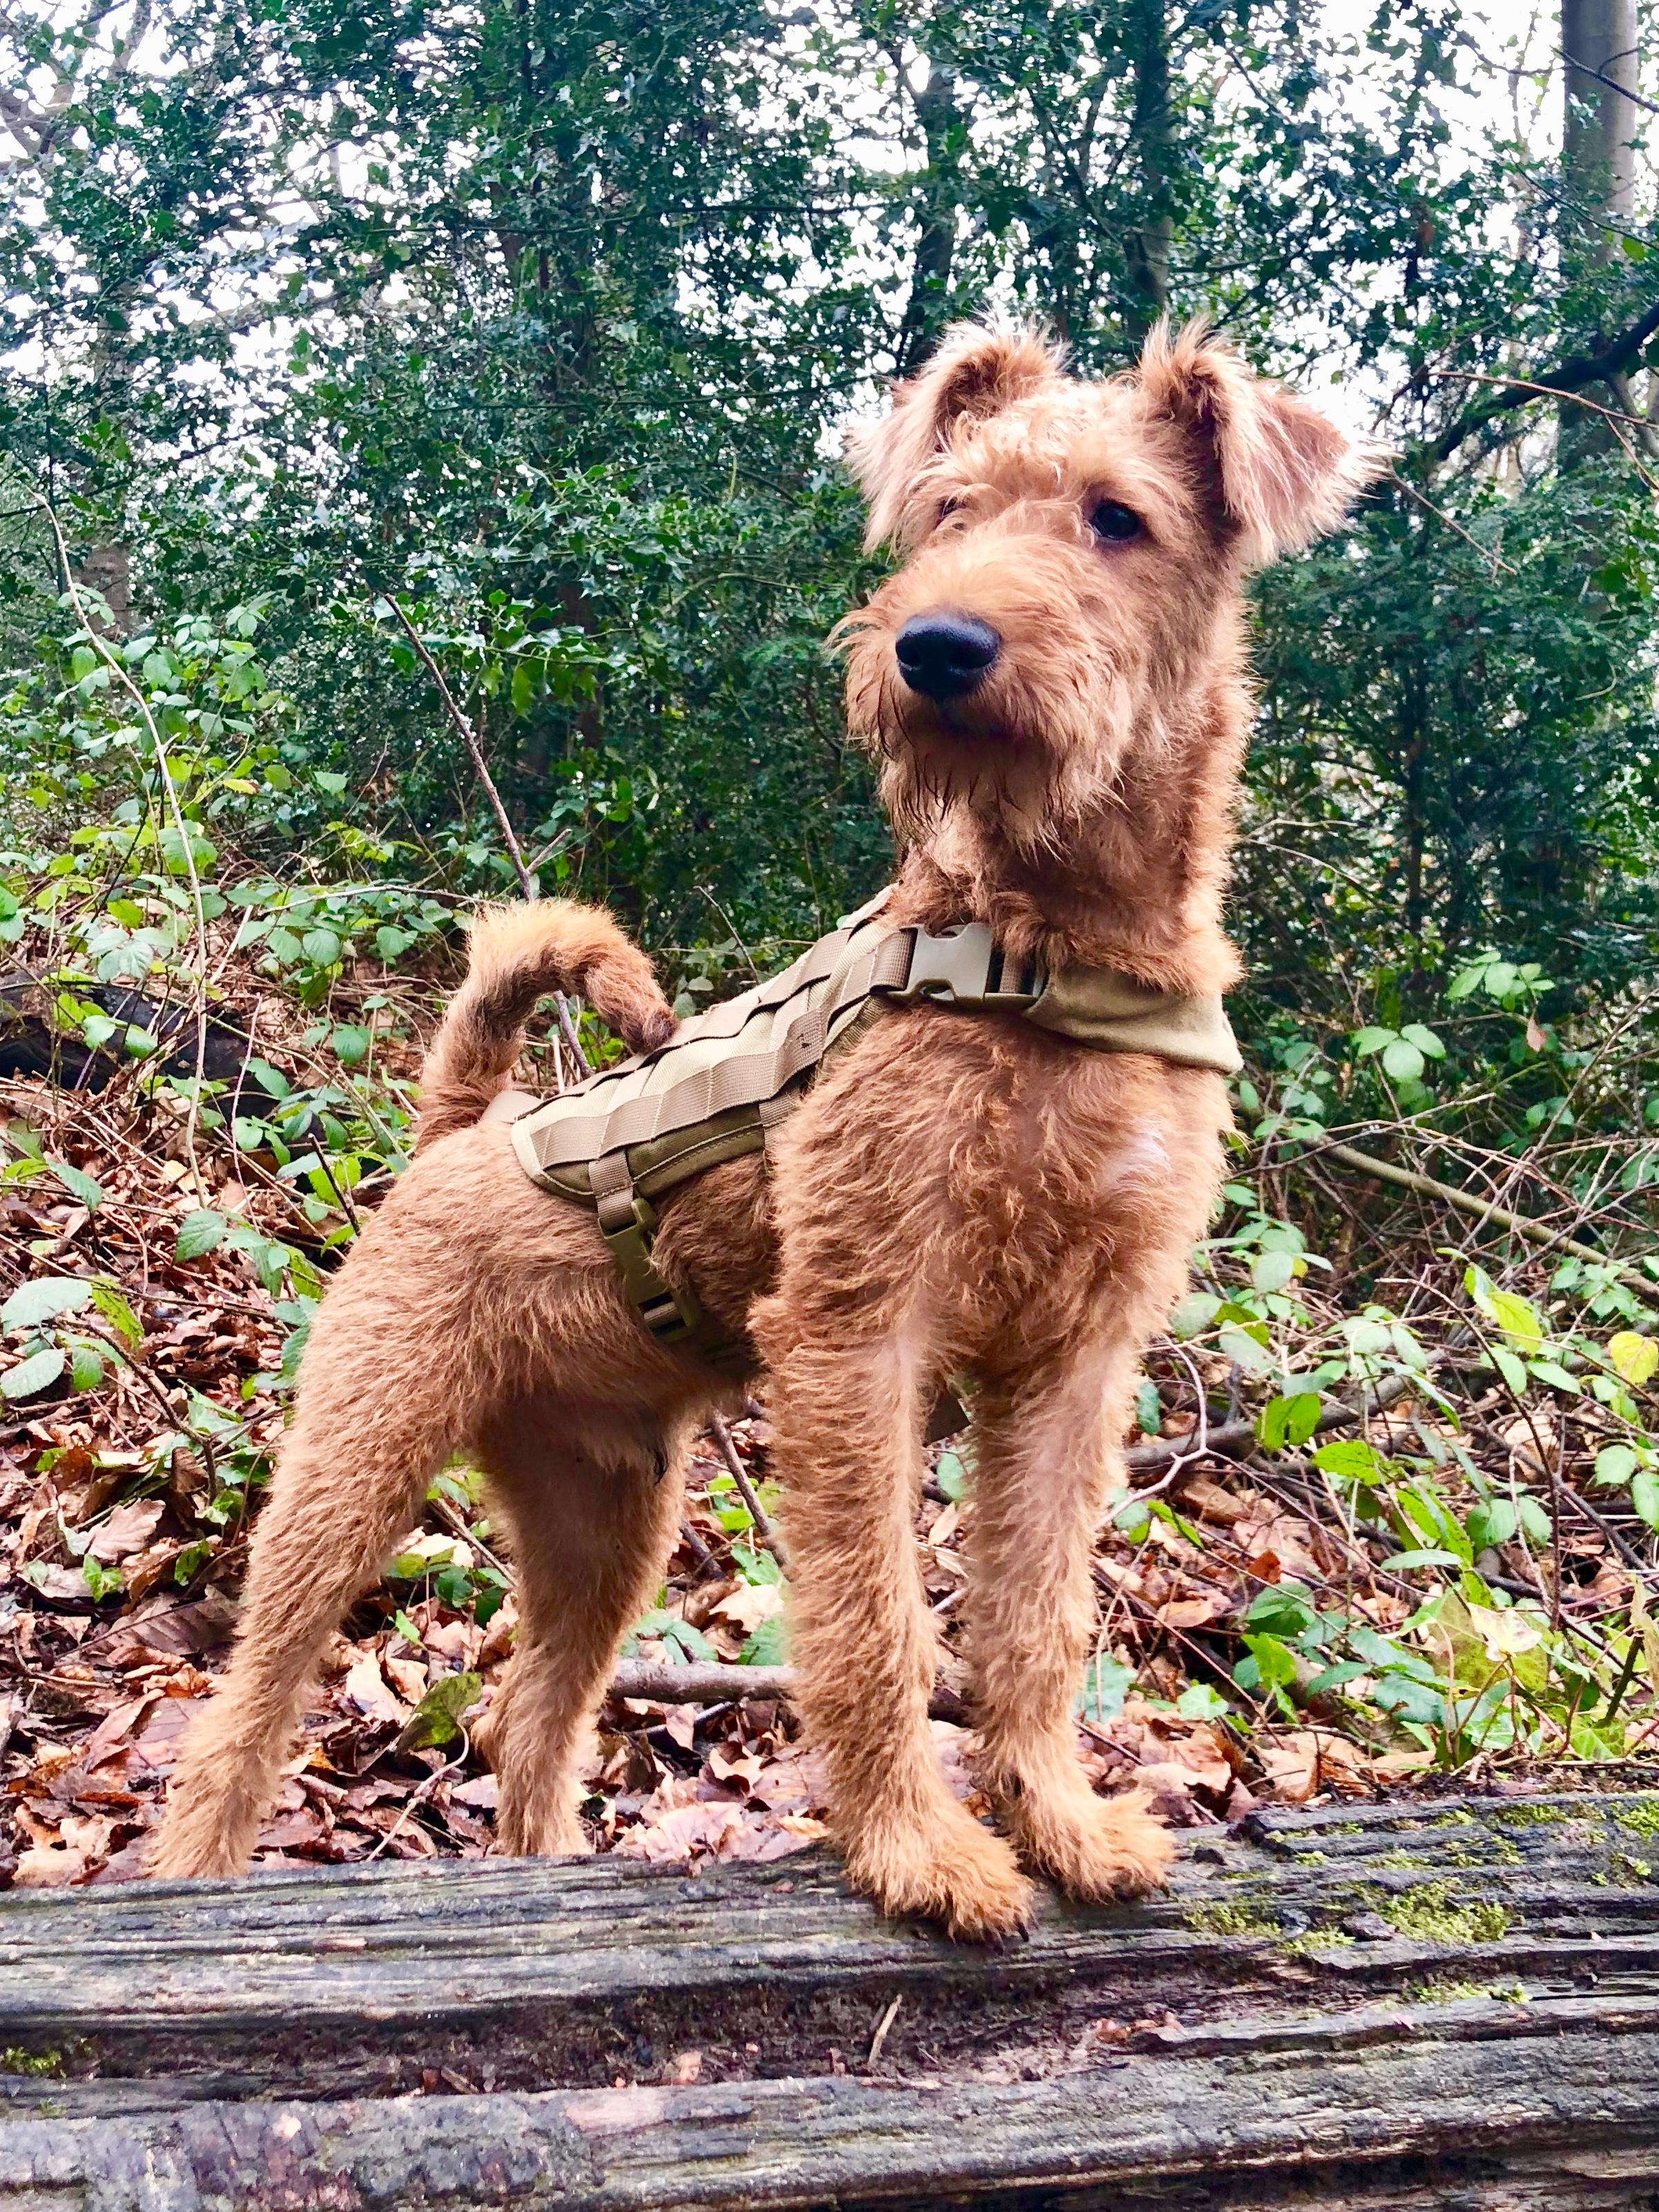 Irish Terrier - Wikipedia